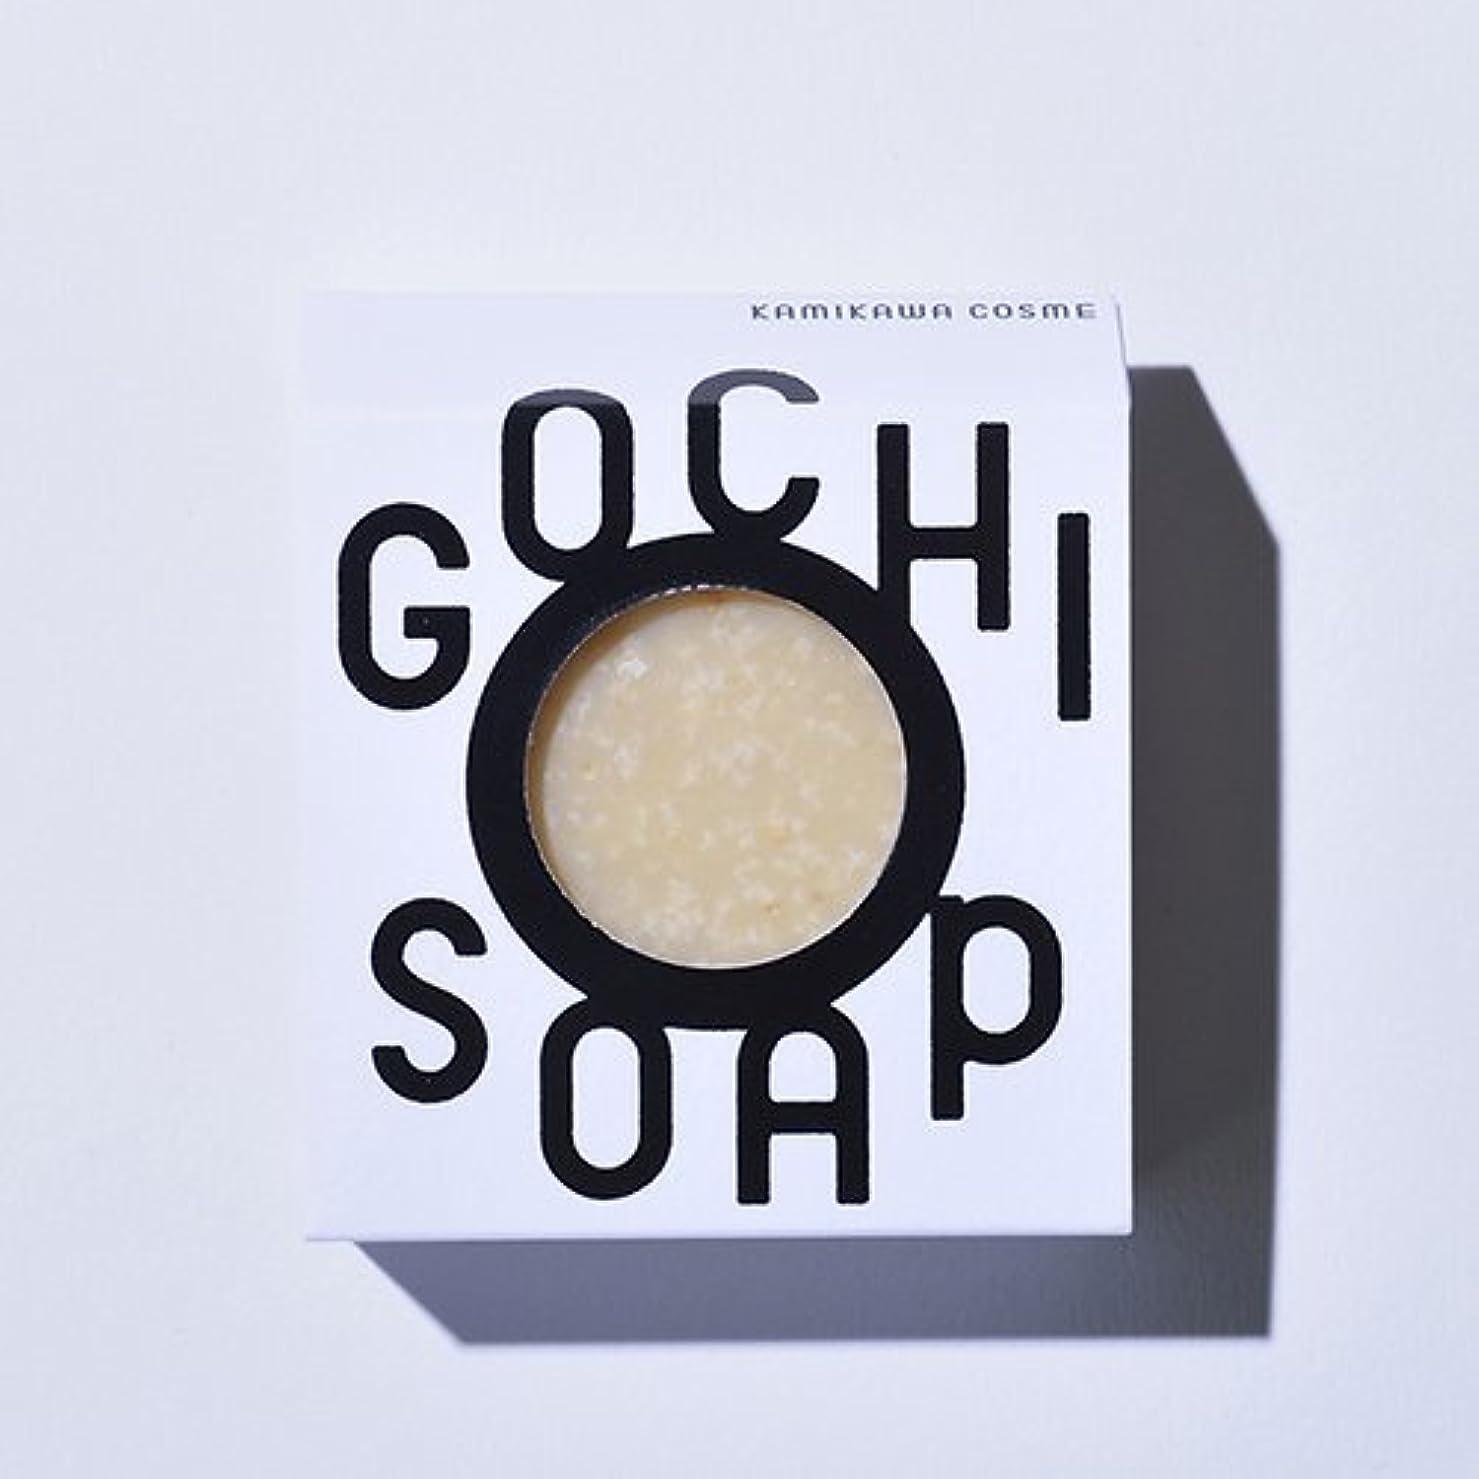 固体海藻押すGOCHI SOAP ゴチソープ ふじくらますも果樹園のりんごソープ